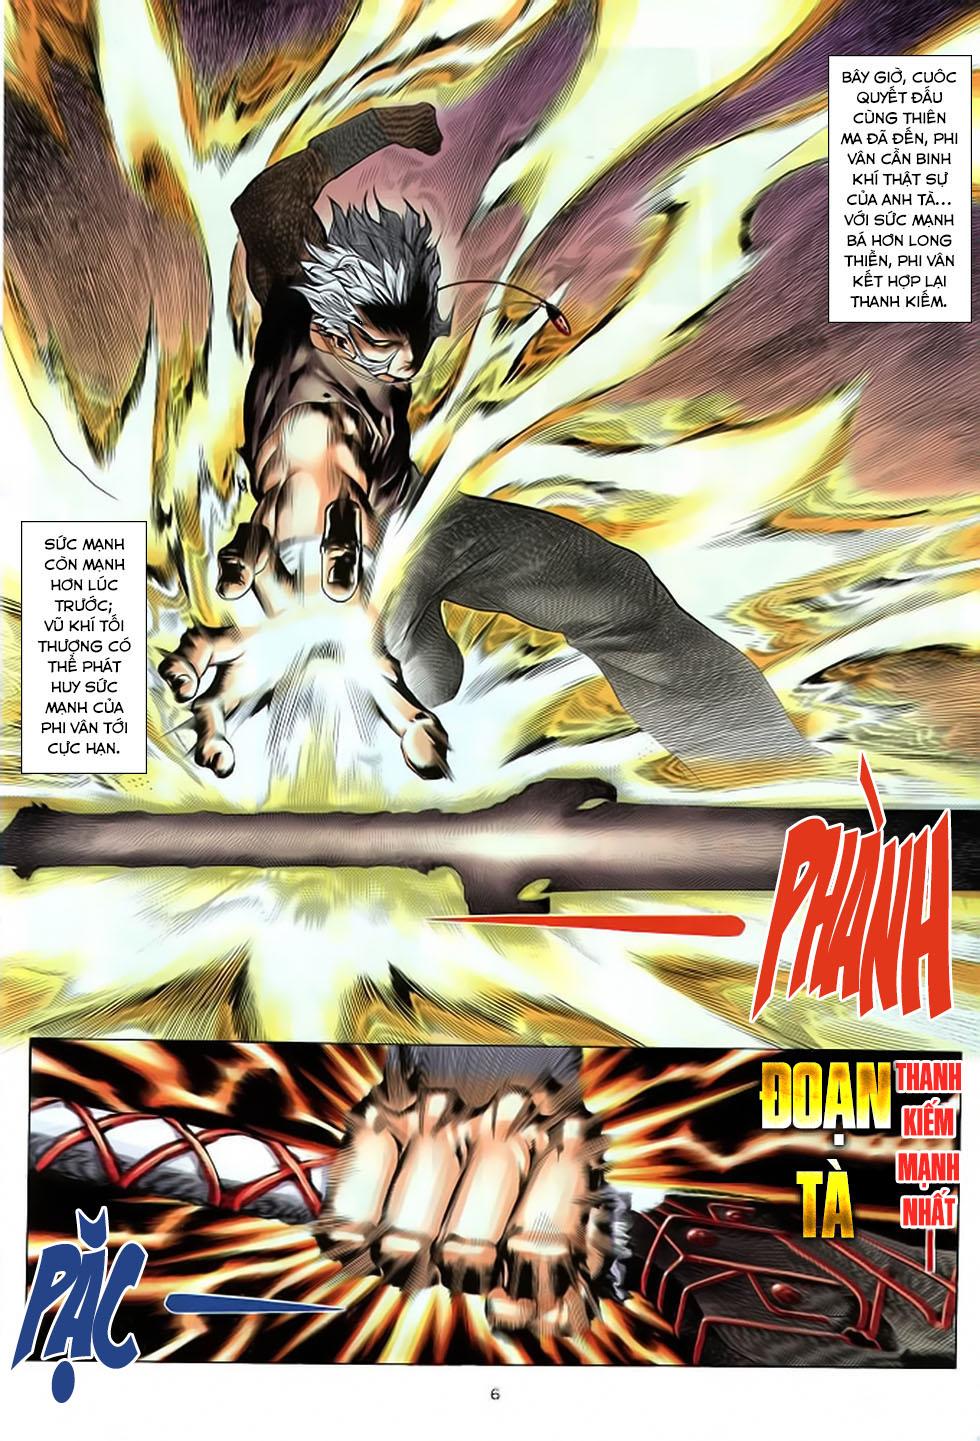 Chiến Thần Ký chap 39 - Trang 7